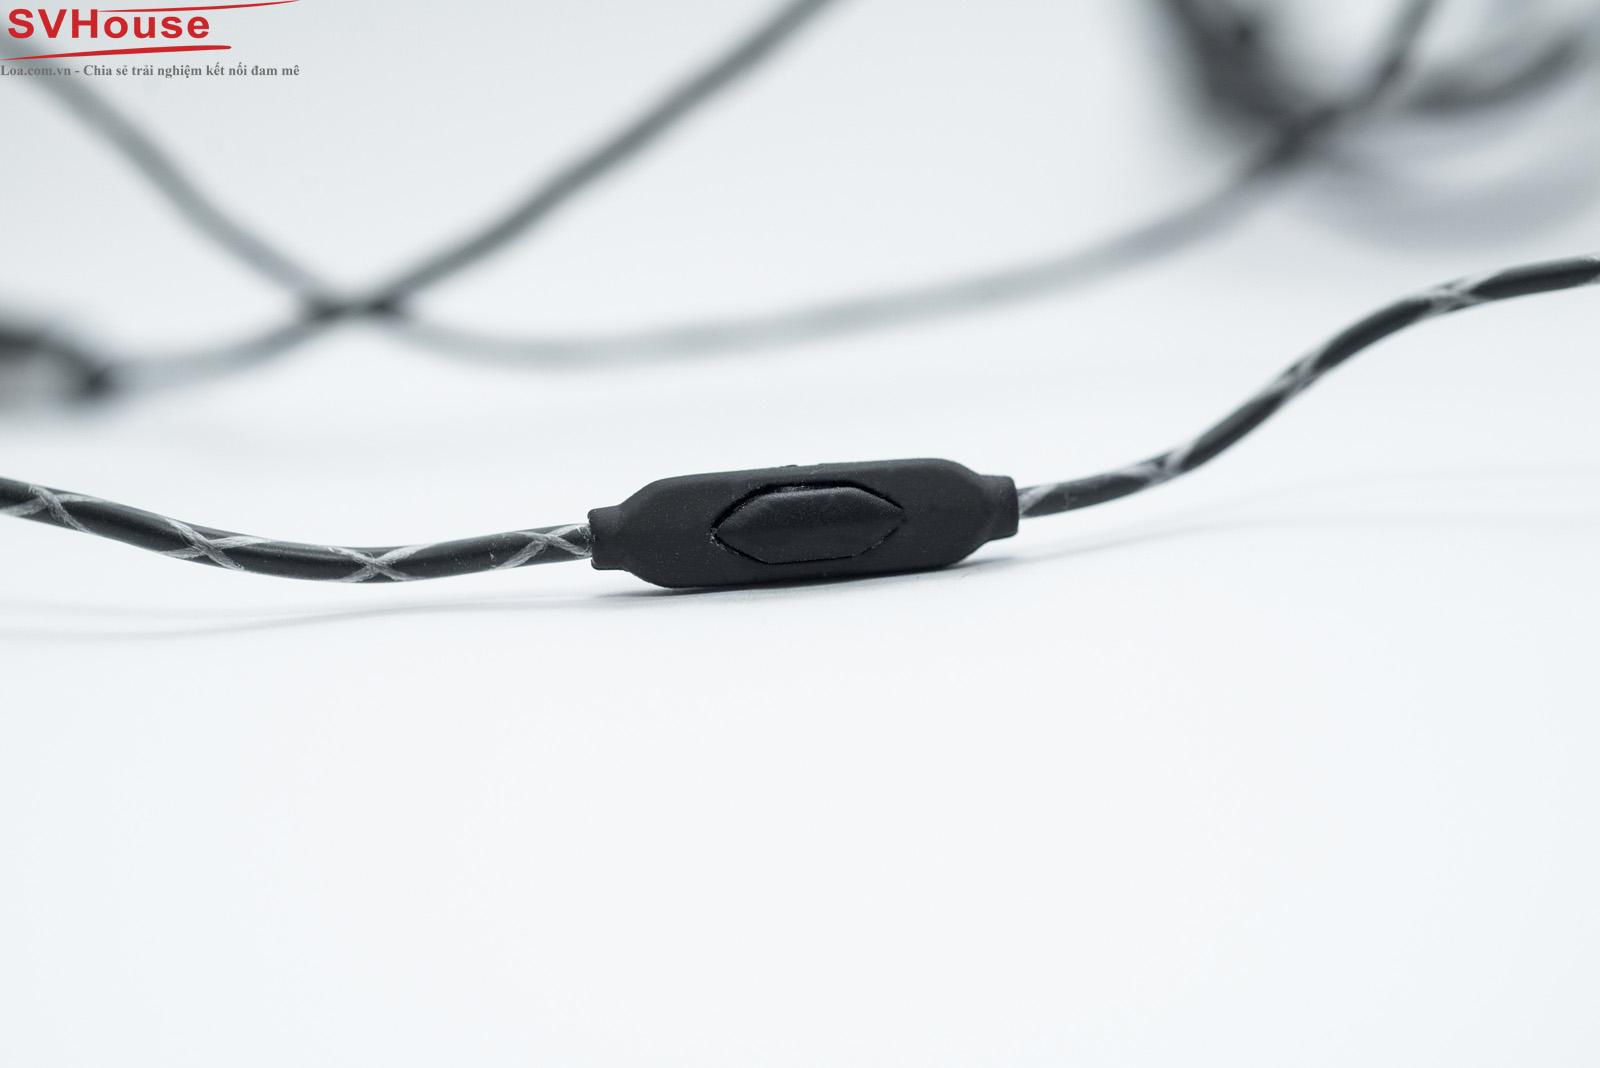 Phím bấm của Zn với khuôn hình rất vừa vặn, dễ dàng nhấn phím với bất kỳ ngón tay cái nào !